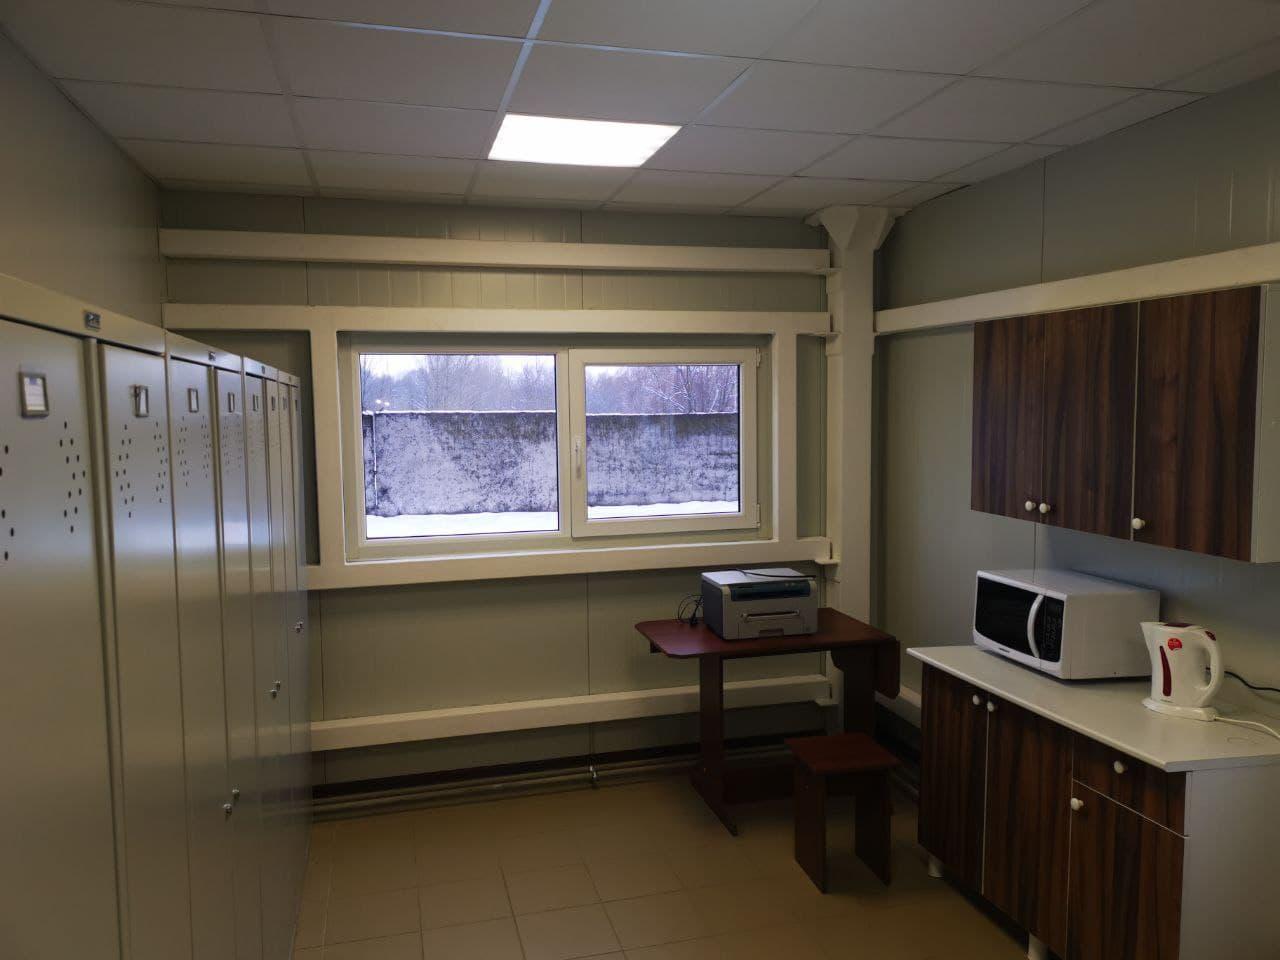 раздевалка и кухня в здании котельной в Давид-городок